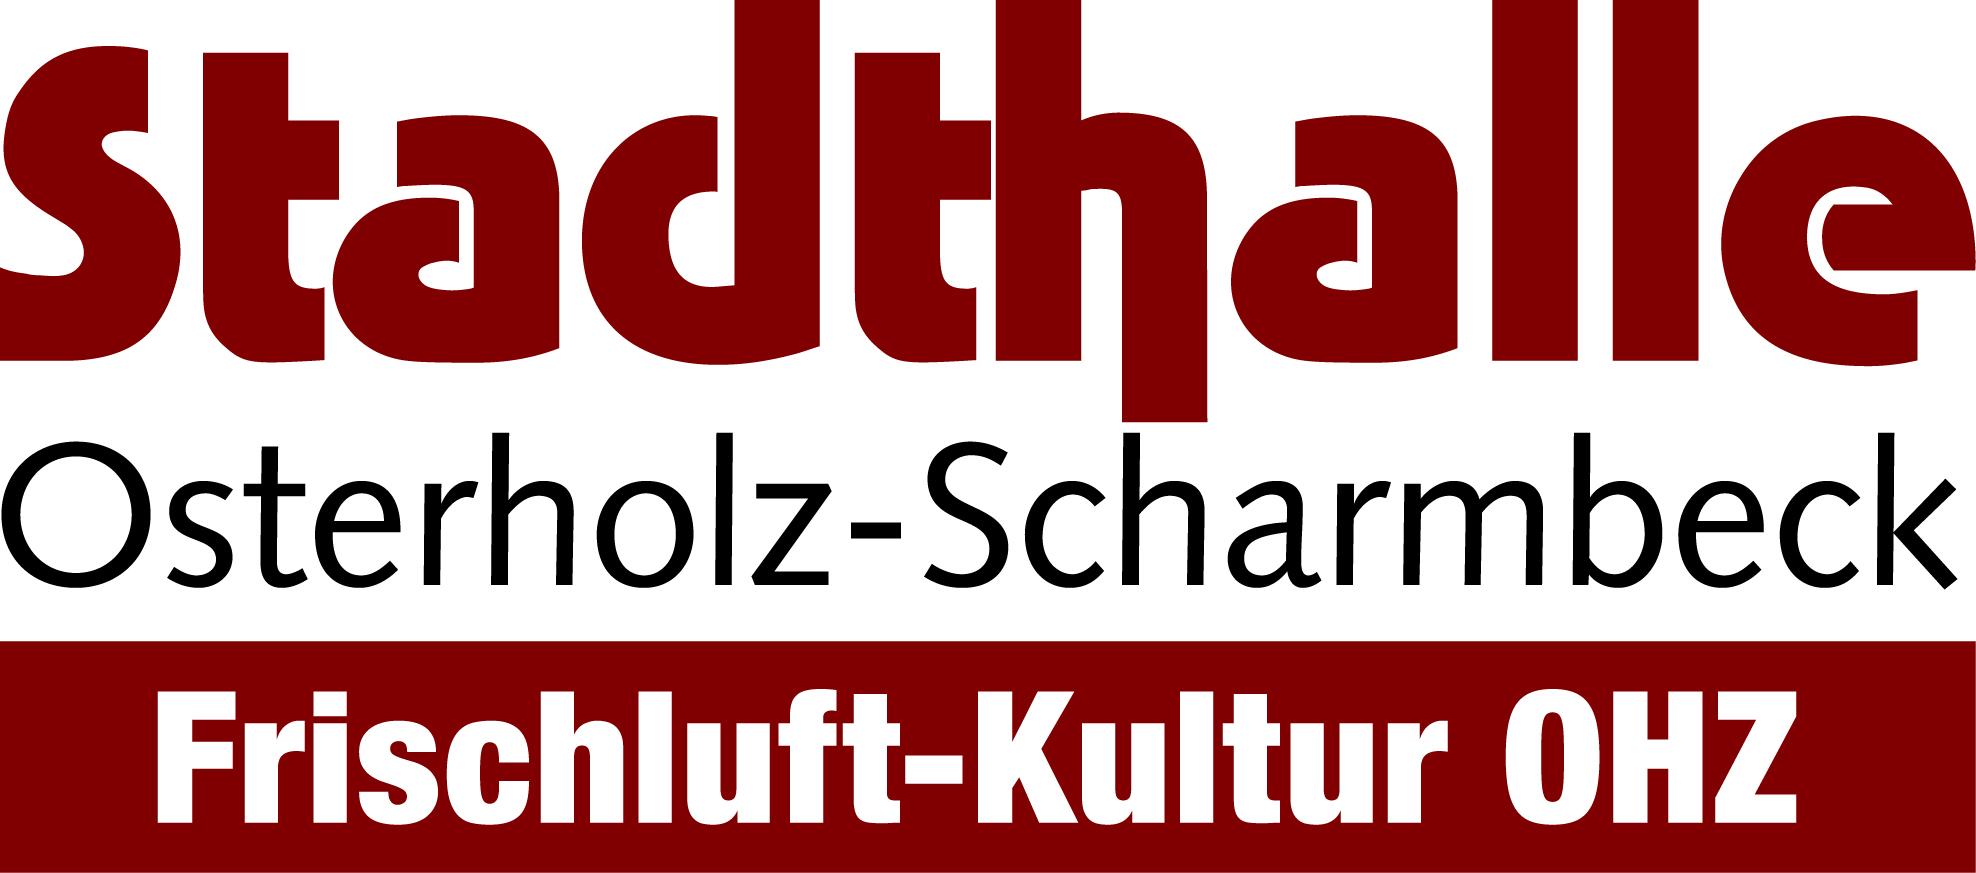 Frischluft-Kultur OHZ